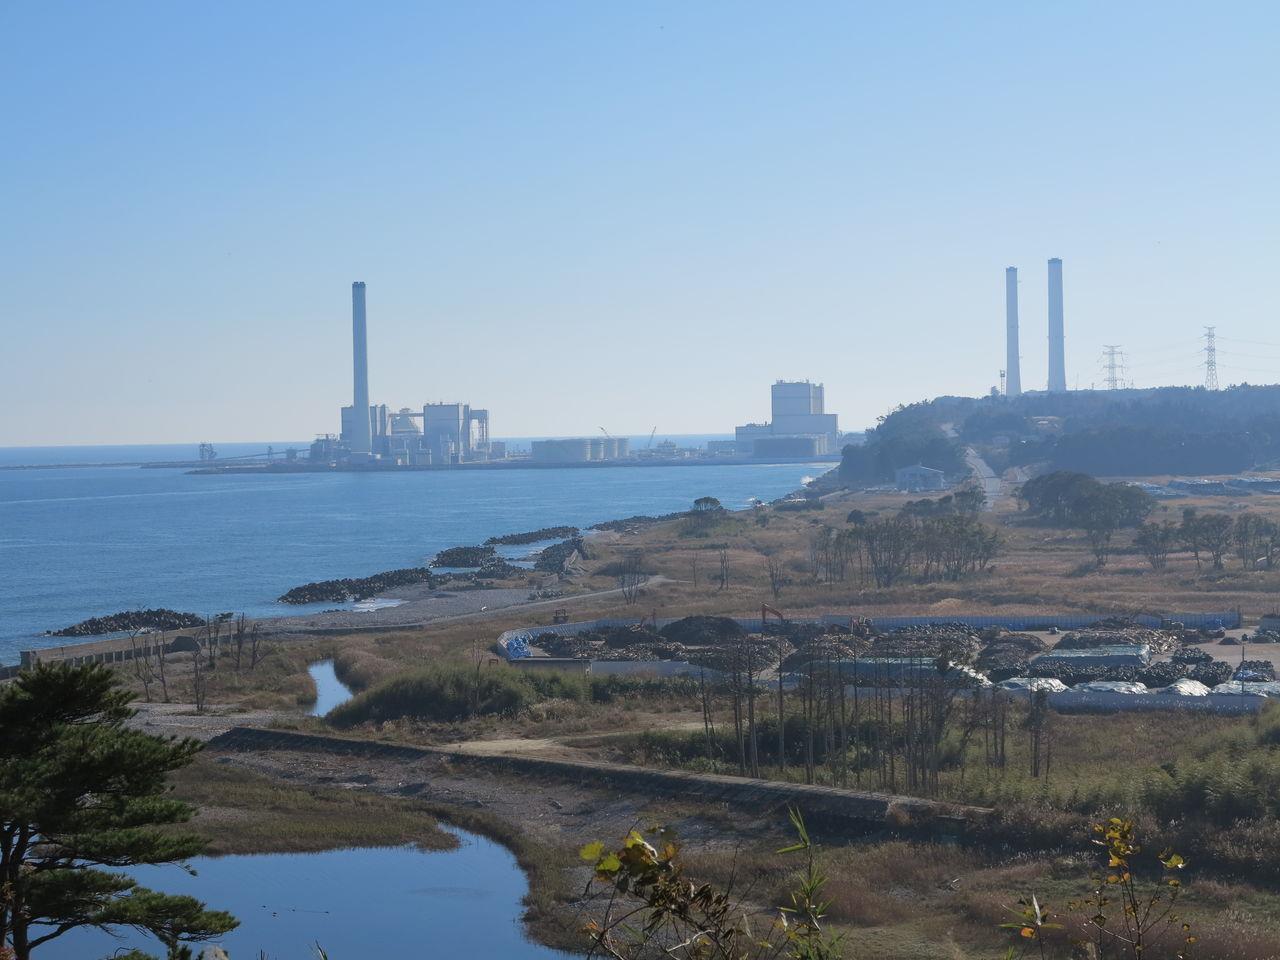 所 広野 火力 発電 火力発電所 数表でみる東京電力 東京電力ホールディングス株式会社